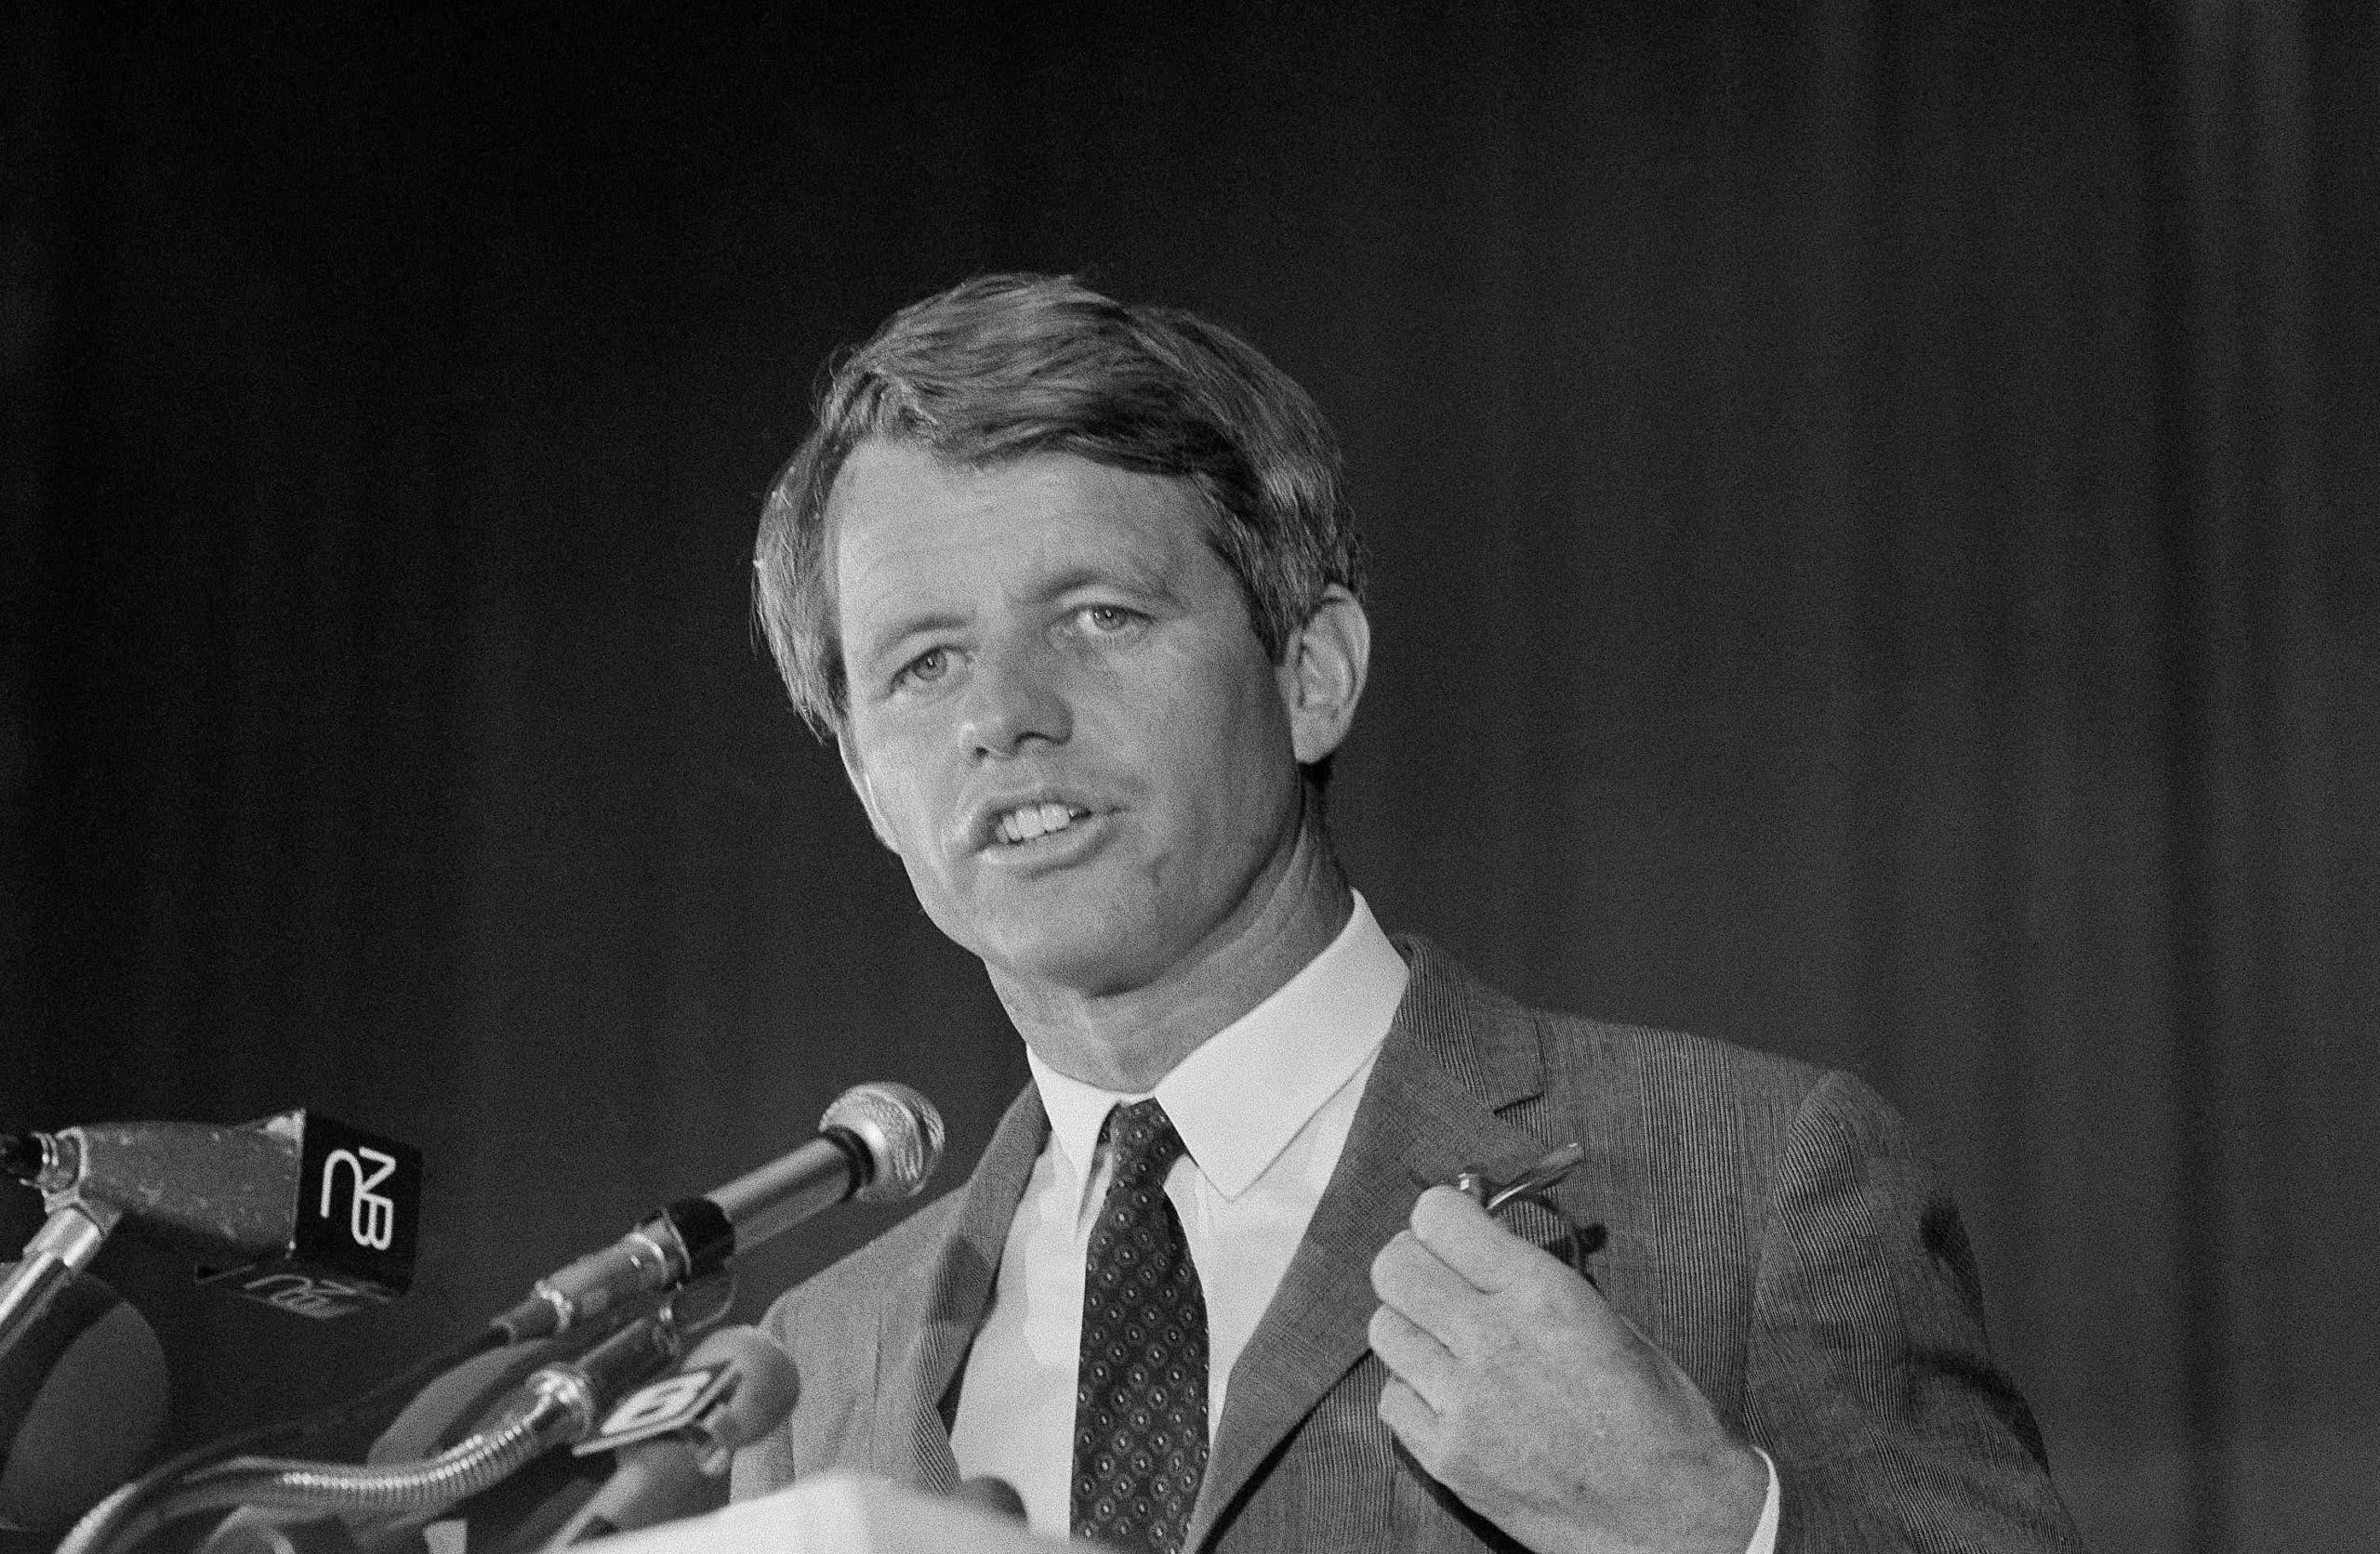 La hija menor de Robert Kennedy pide que el asesino de su padre no sea puesto en libertad